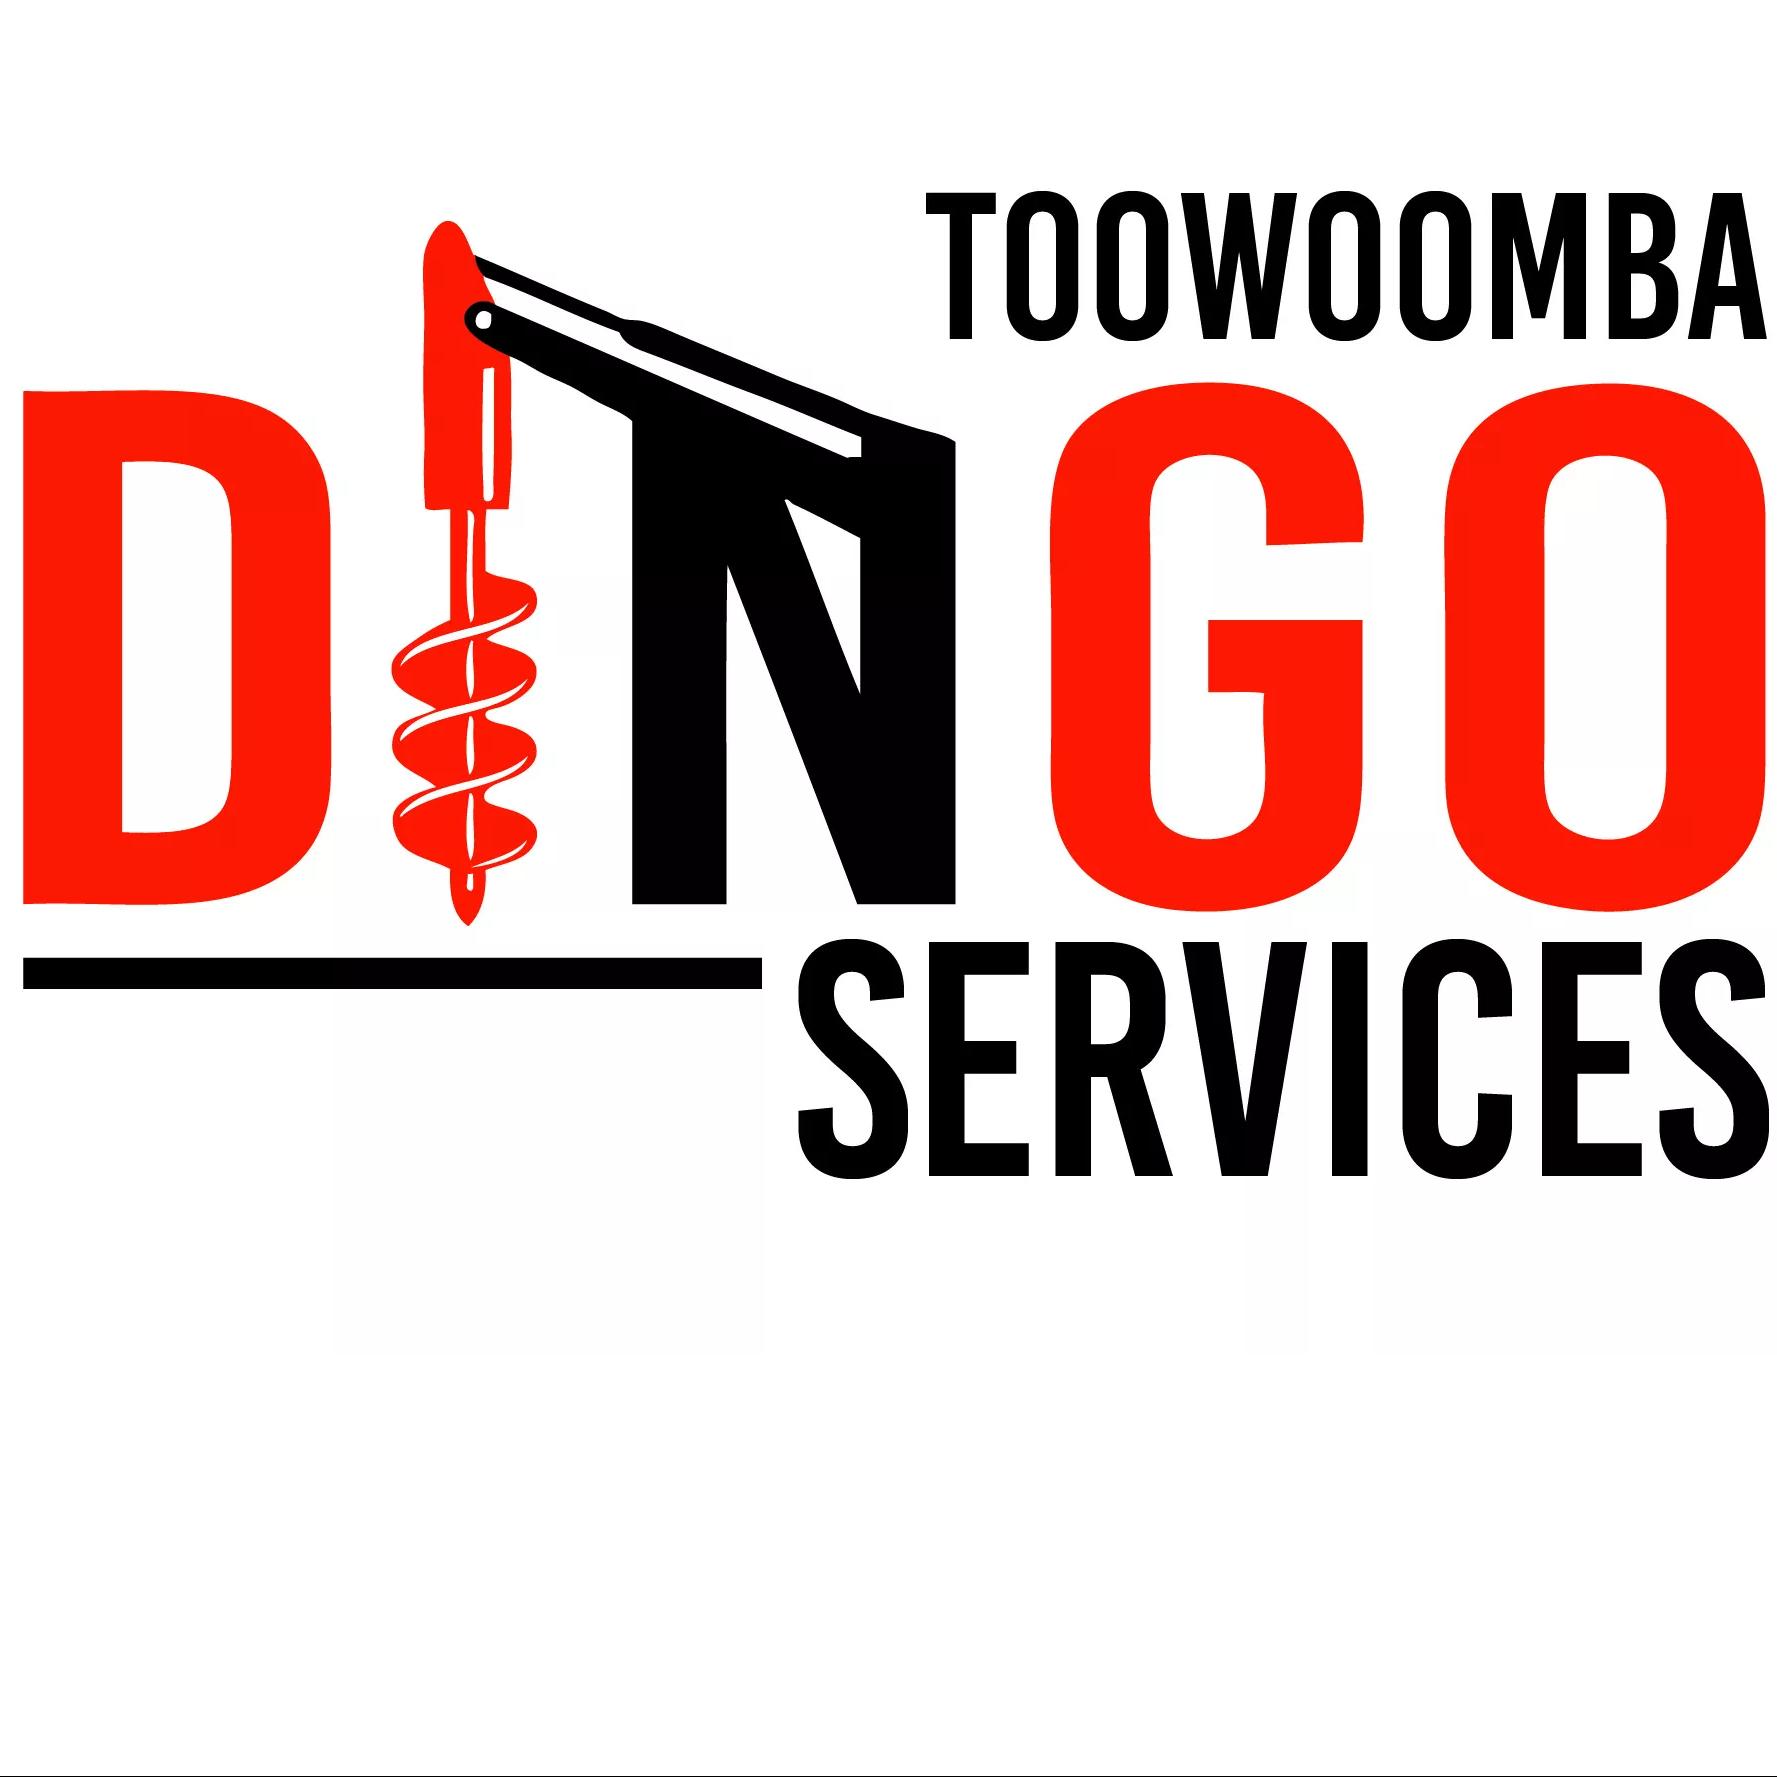 Toowoomba Dingo Services